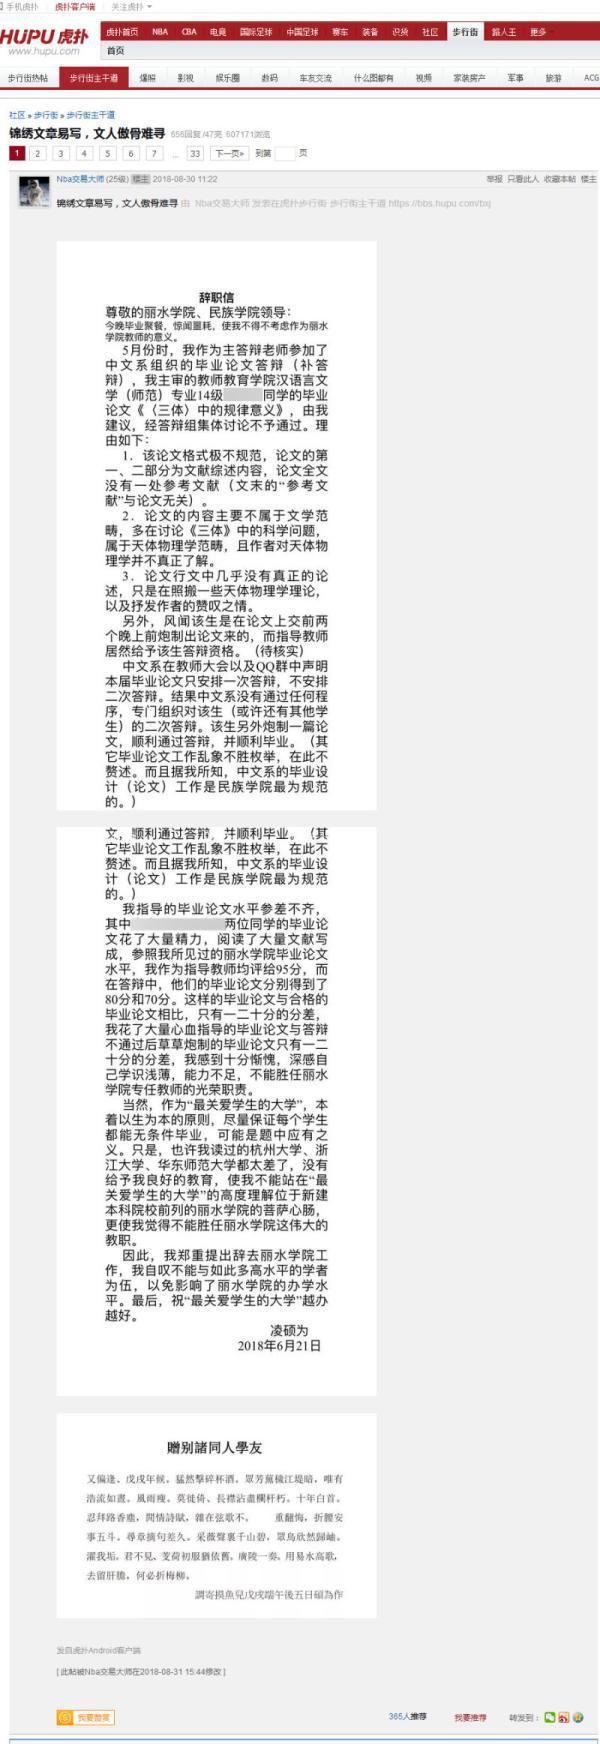 """副教授质疑学生论文答辩不公辞职 被称学院""""名捕"""""""